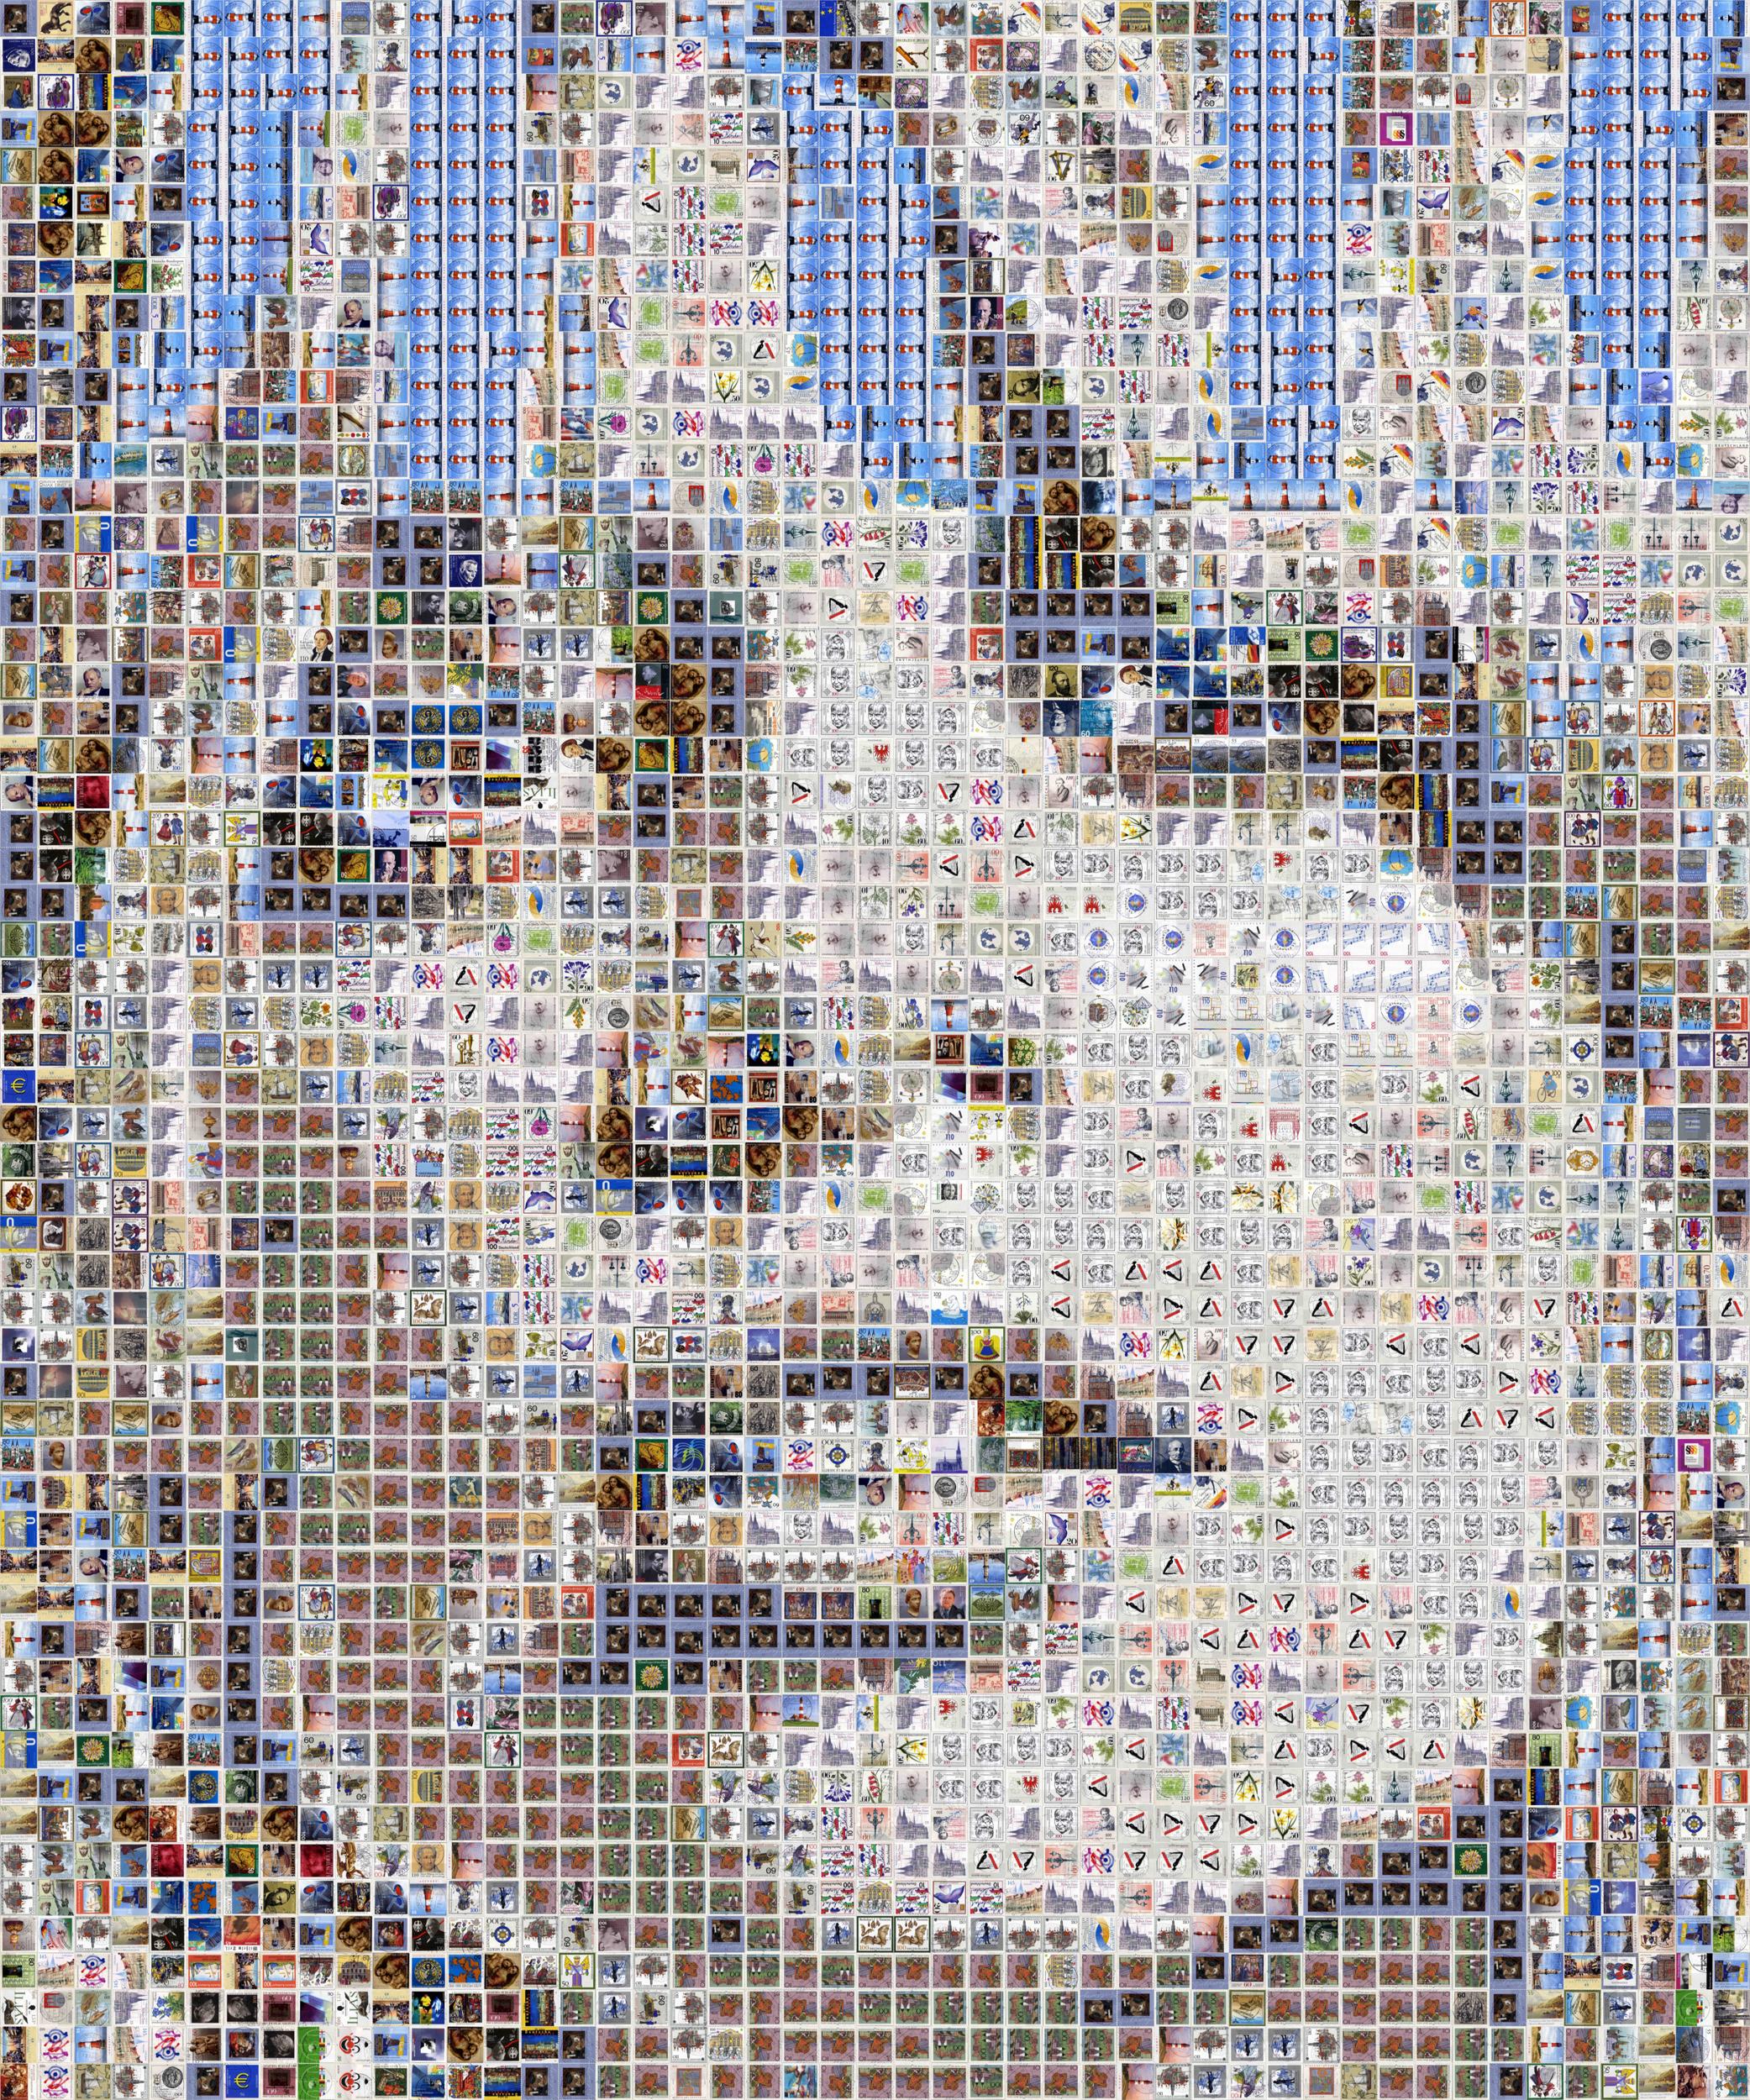 Lady-Gaga_Daniel-Voelker.jpg